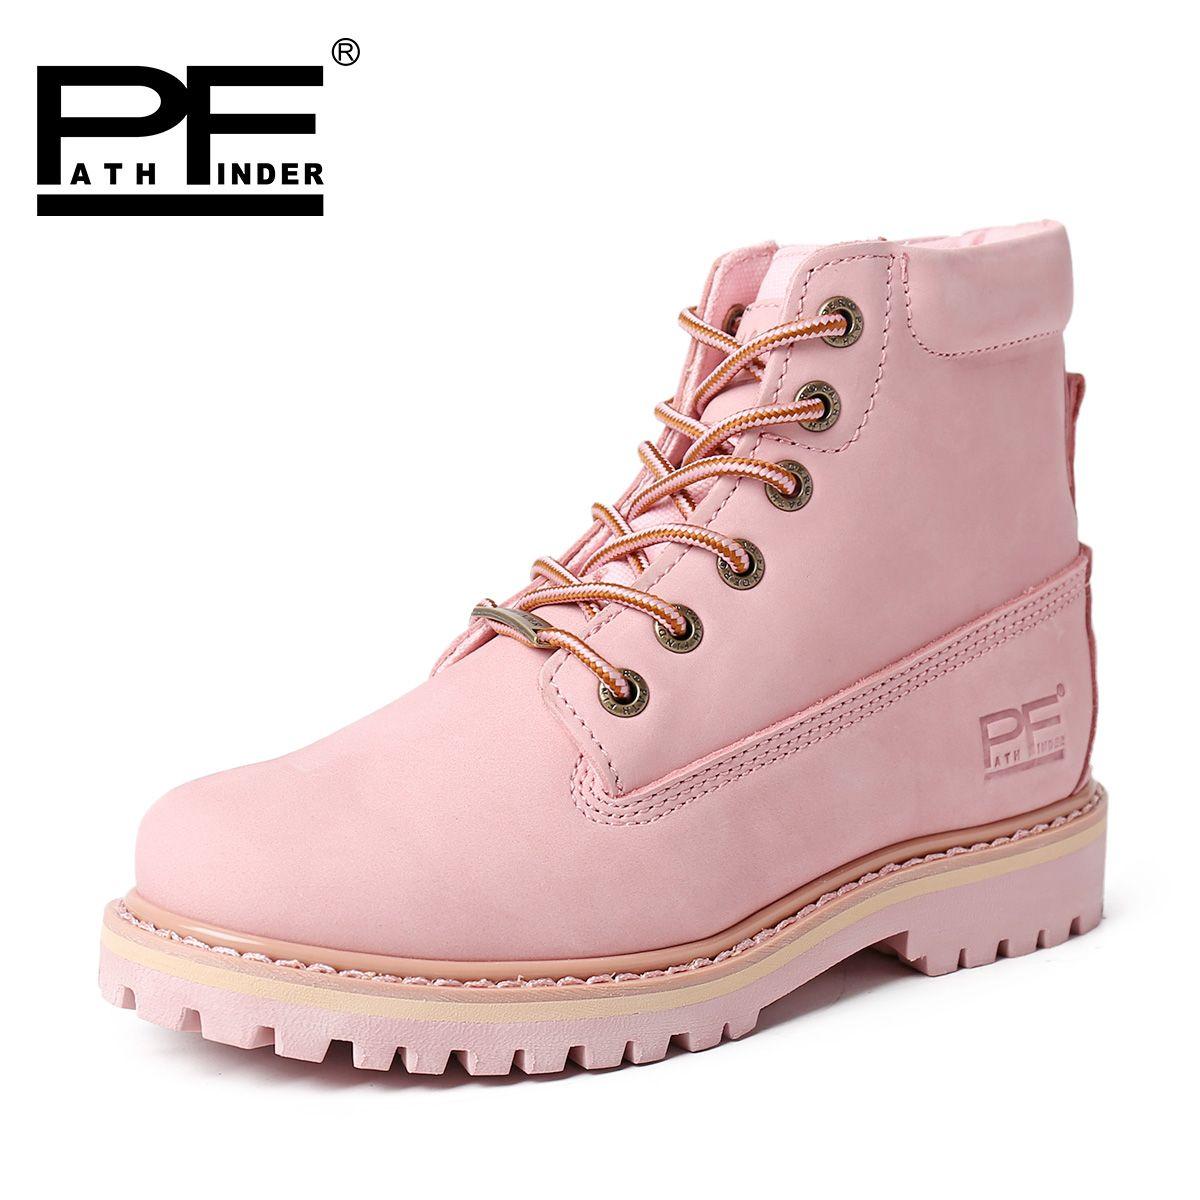 粉红色高帮鞋 春季PF女鞋真皮马丁靴女靴子粉红色厚底工装靴女情侣短靴女高帮鞋_推荐淘宝好看的粉红色高帮鞋